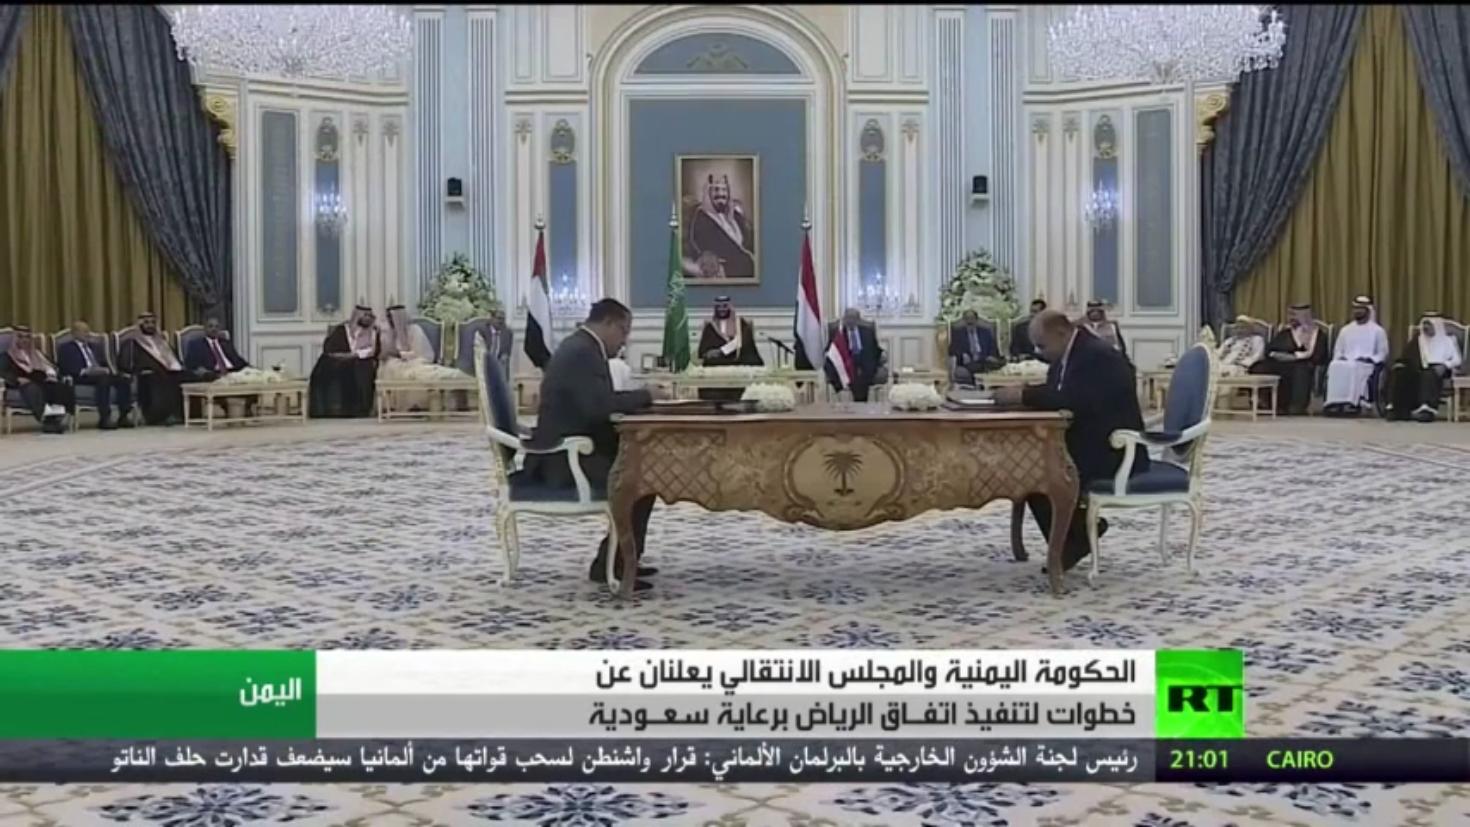 اليمن.. هادي يوعز بتشكيل حكومة مشتركة